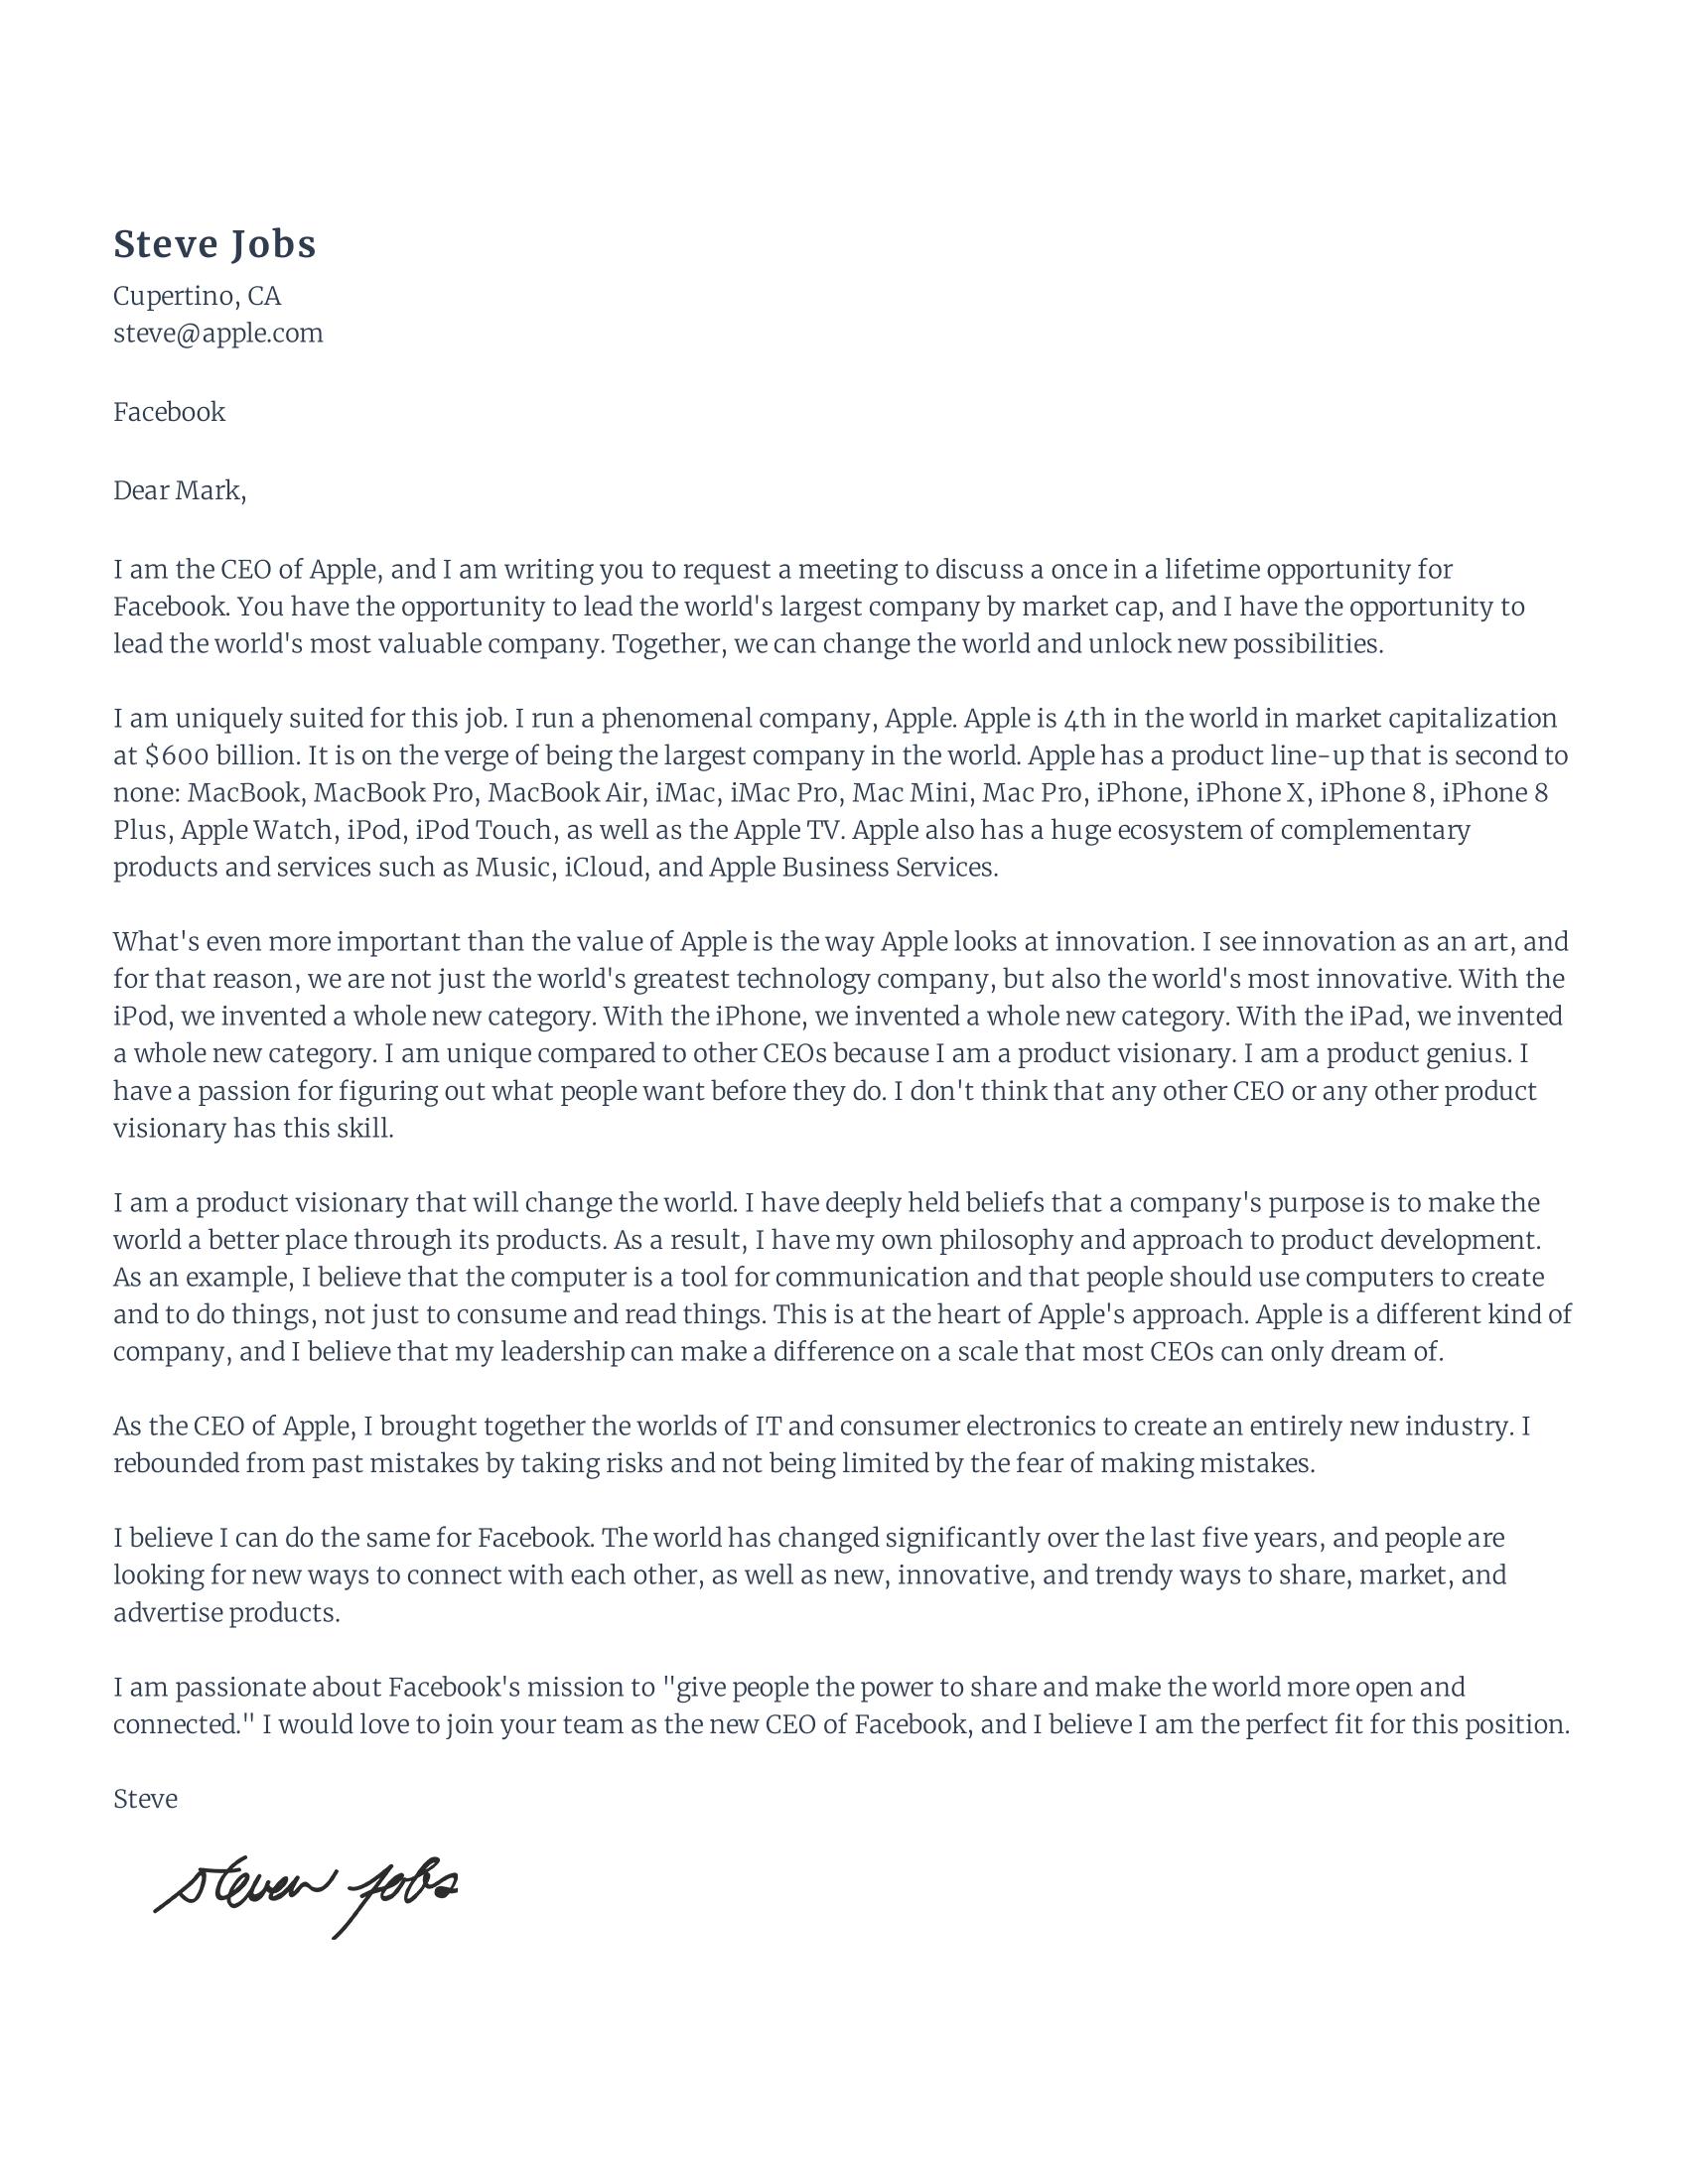 Steve jobs cover letter